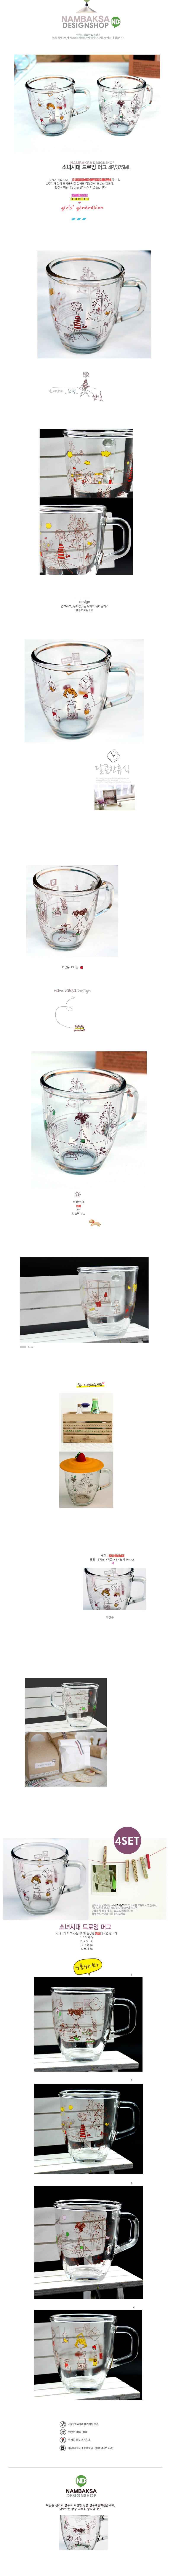 남박사 소녀시대드로잉머그4p세트 - 남박사, 13,900원, 머그컵, 머그컵 세트